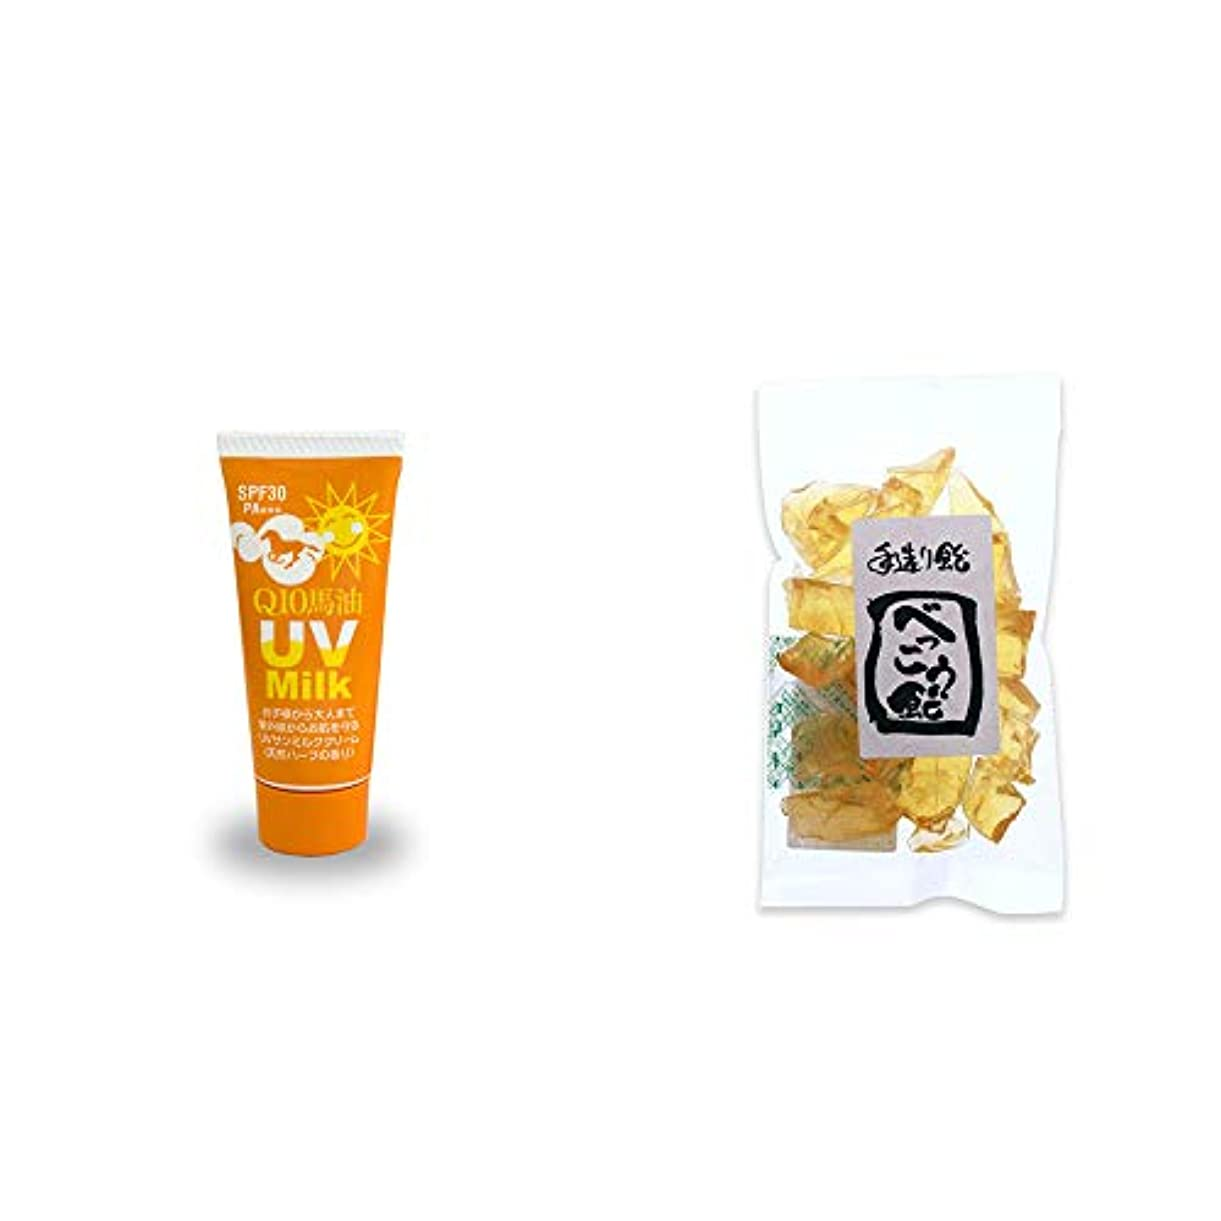 セットアップミスペンド注入する[2点セット] 炭黒泉 Q10馬油 UVサンミルク[天然ハーブ](40g)?べっこう飴(160g)